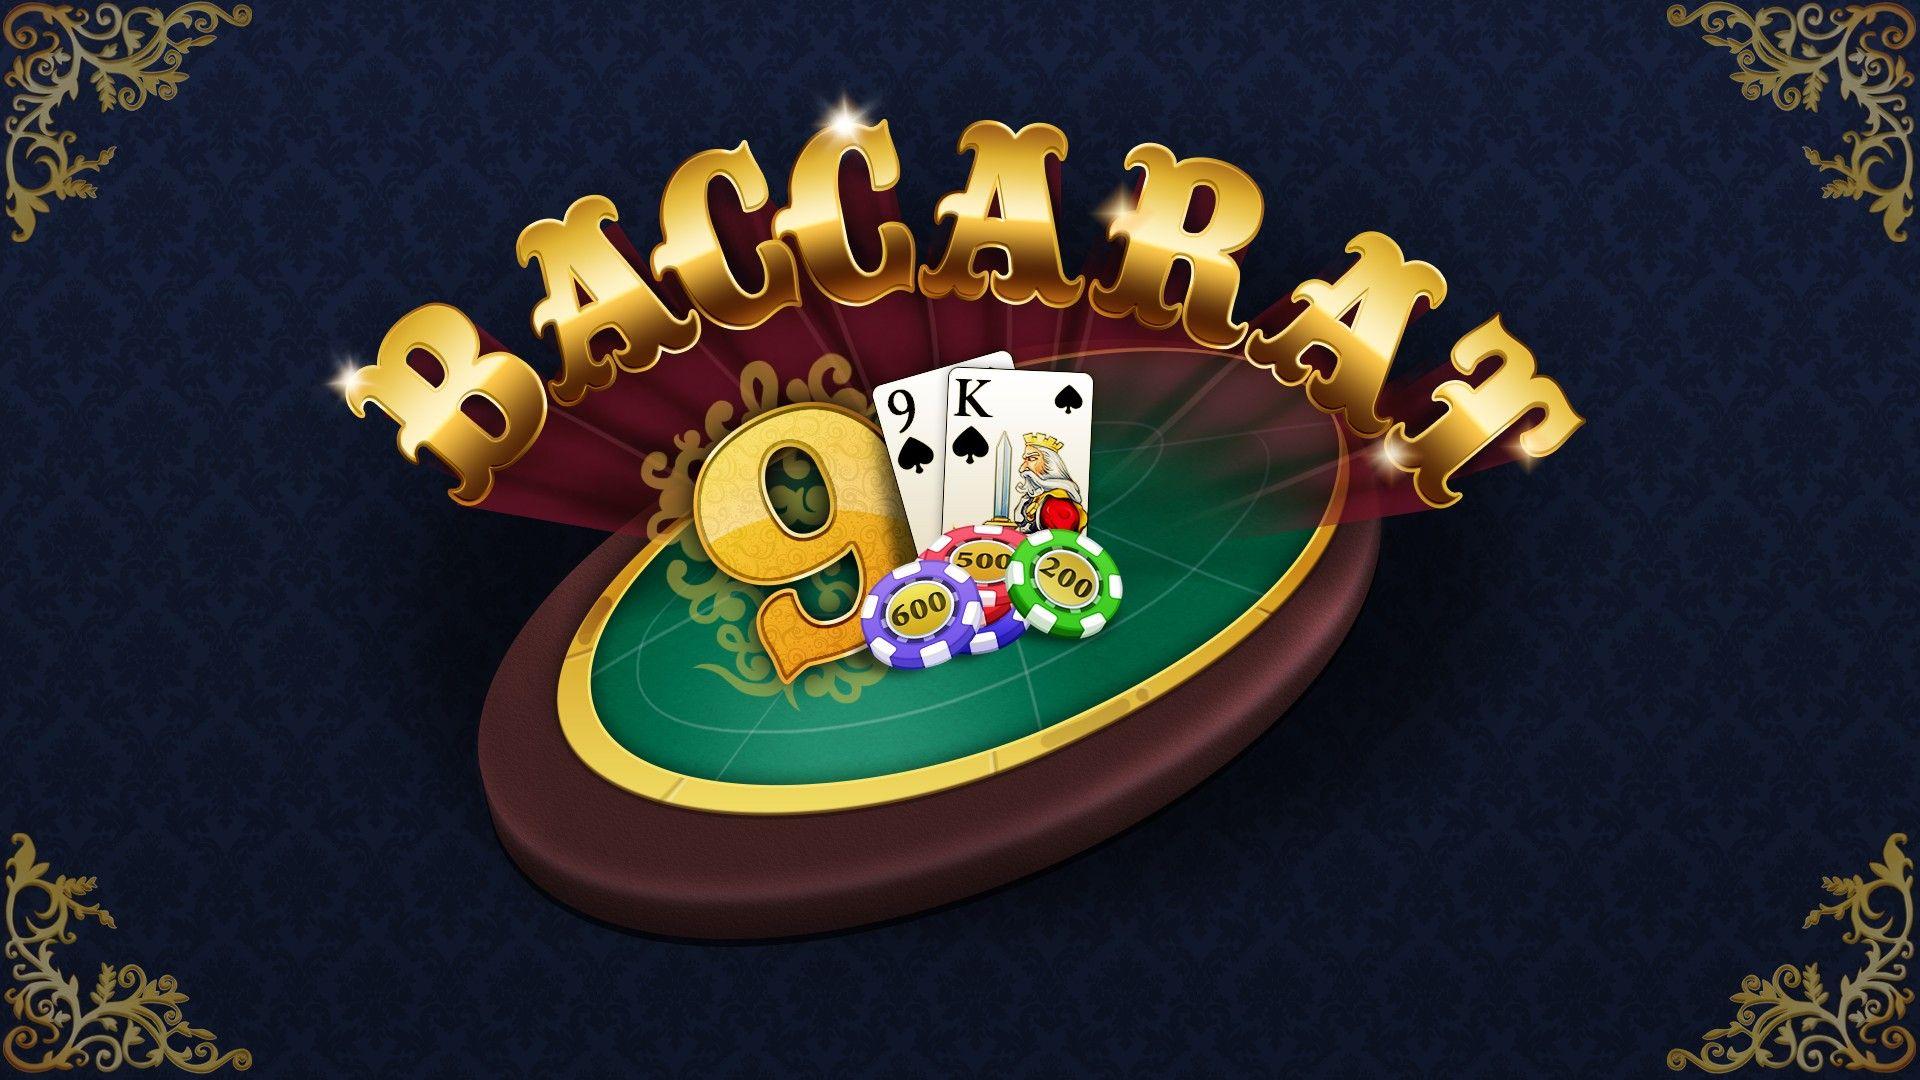 Baccarat (card game